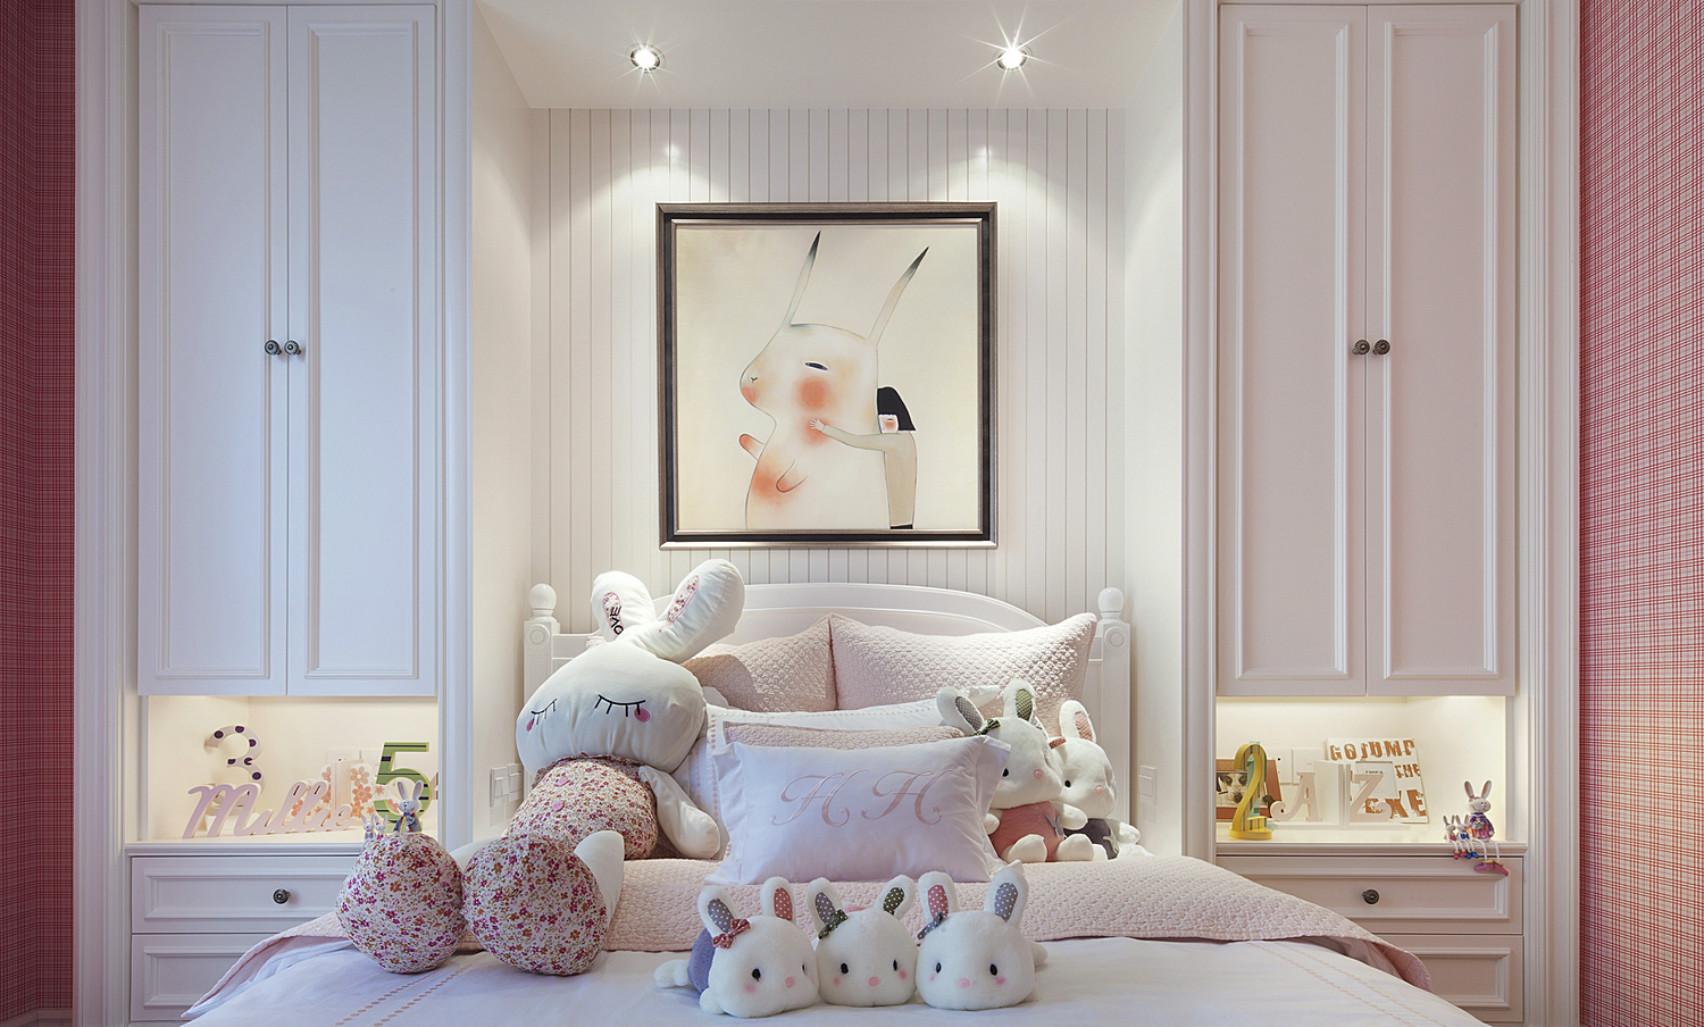 儿窗帘、床品、吊灯无一不透漏着满满的少女气息。可以发现父母非常的细心,放在孩子床上的礼物都是一样的。